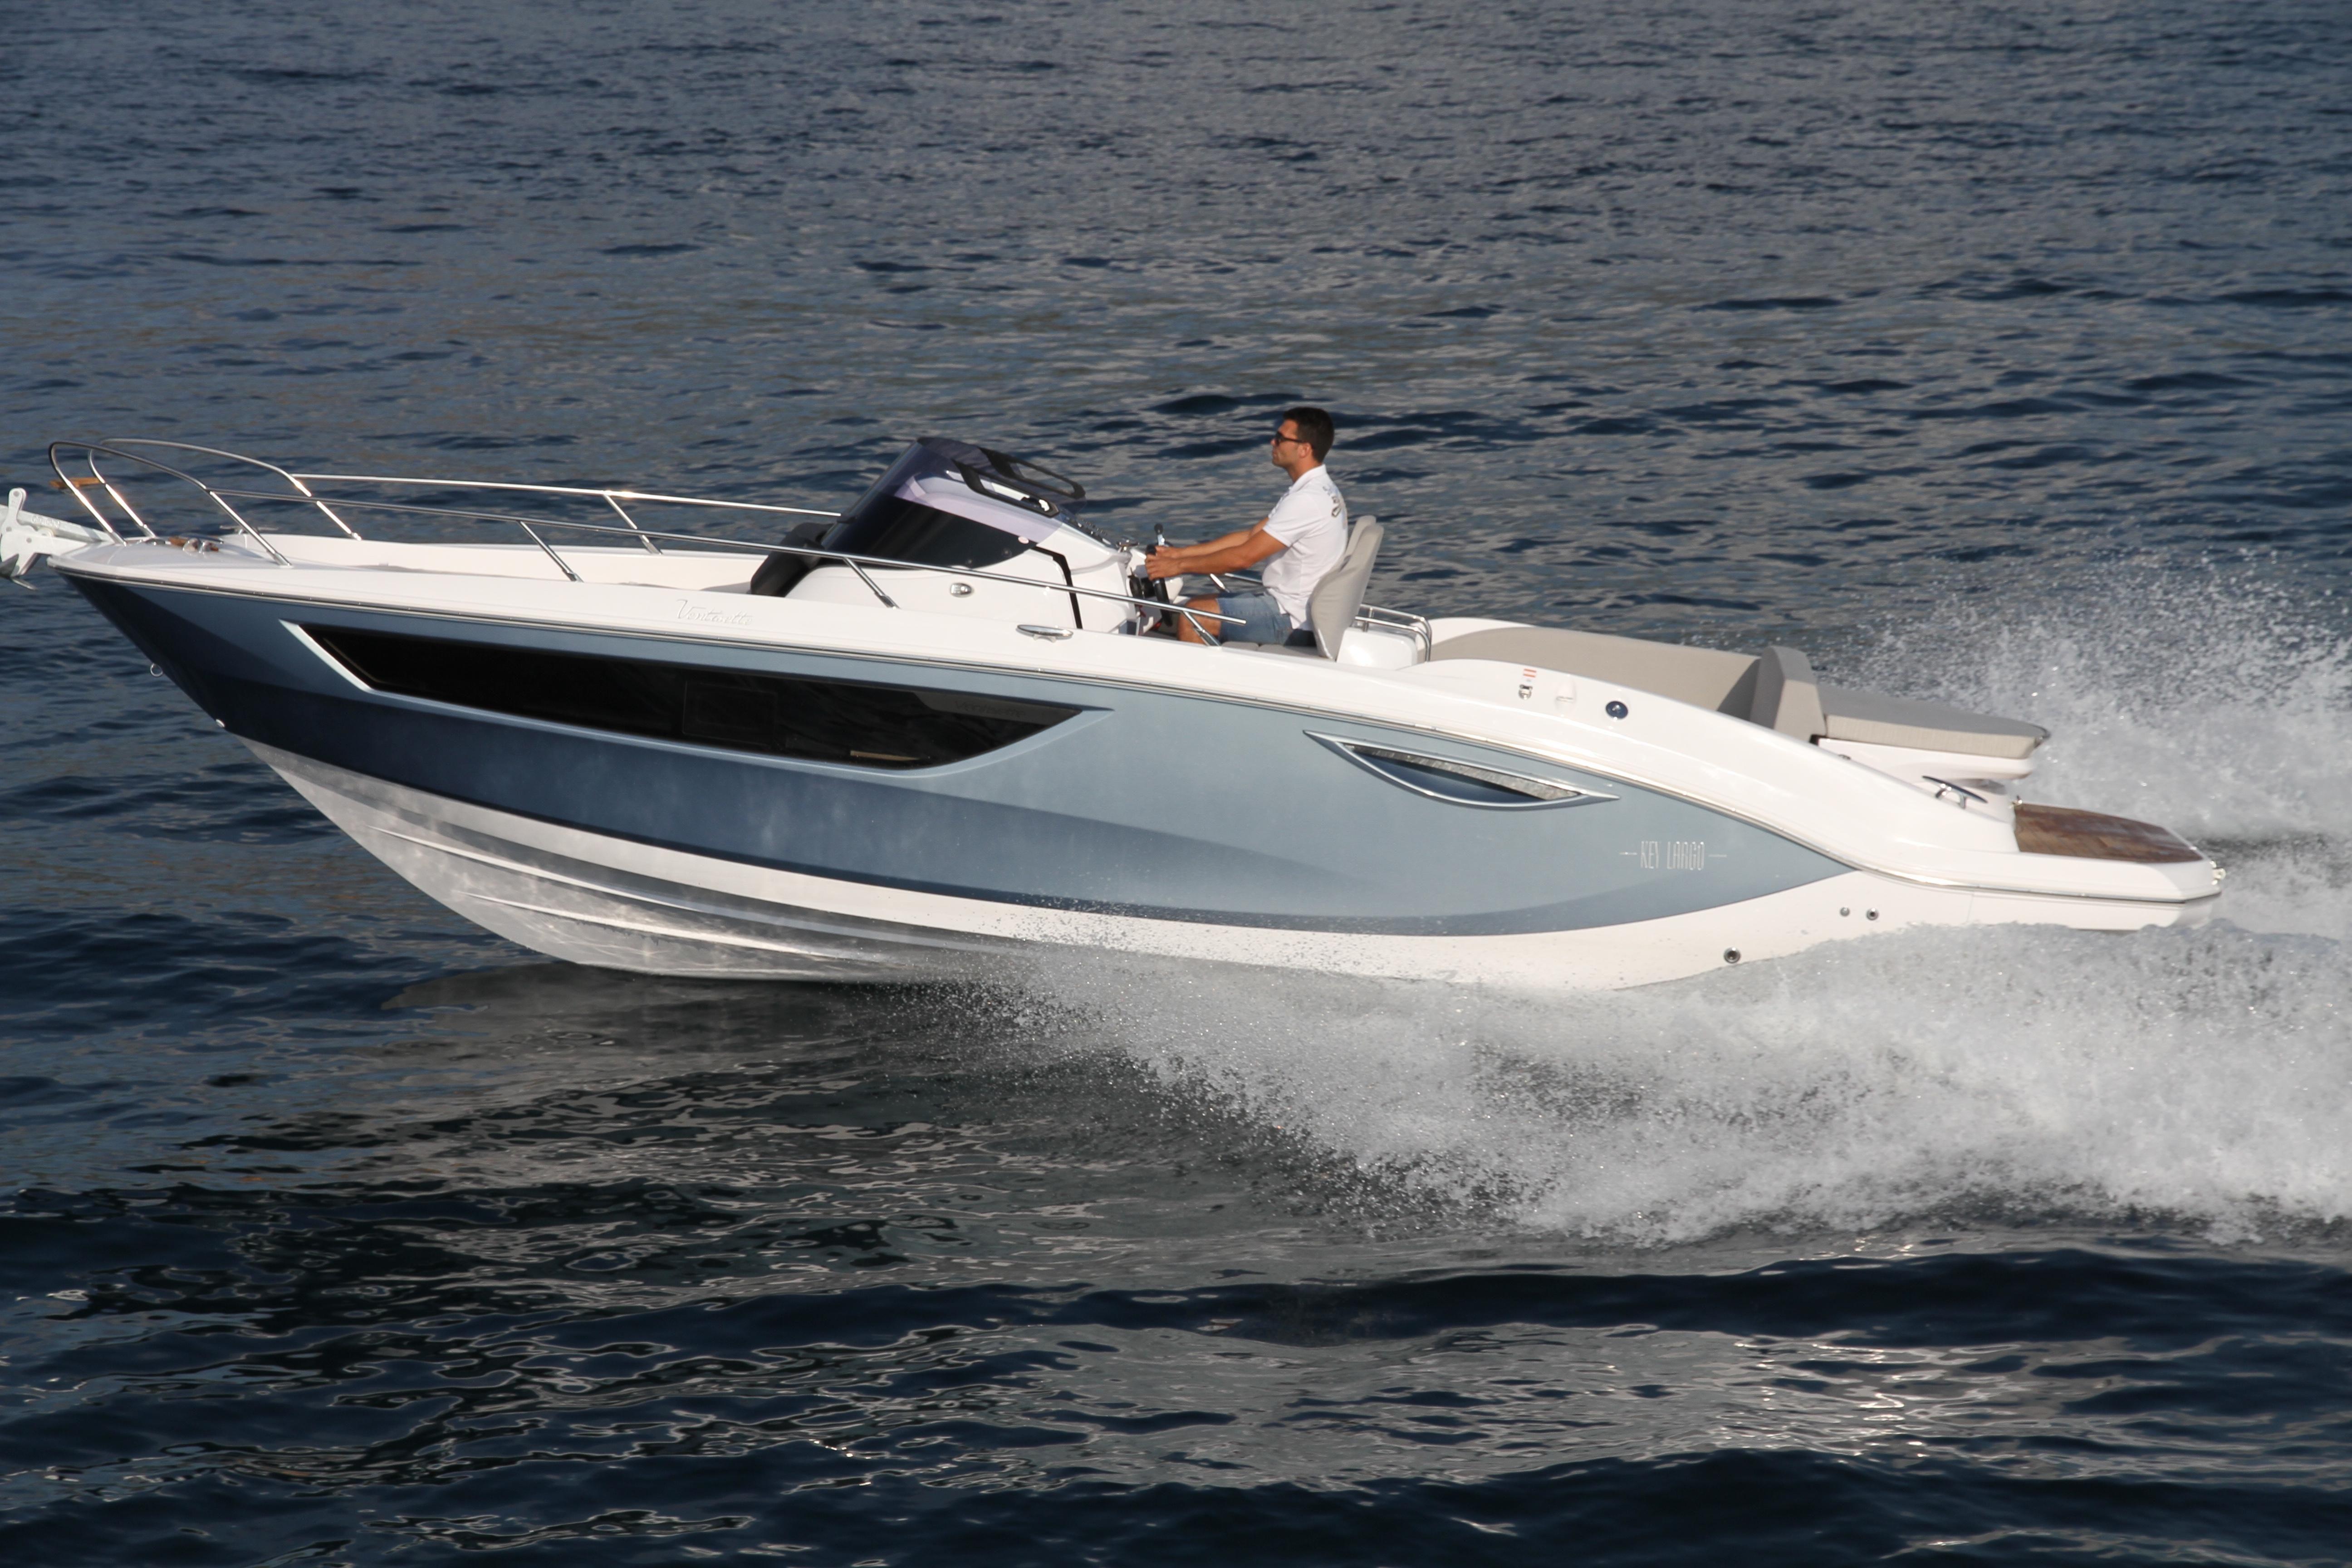 2018 sessa key largo 27 power boat for sale. Black Bedroom Furniture Sets. Home Design Ideas